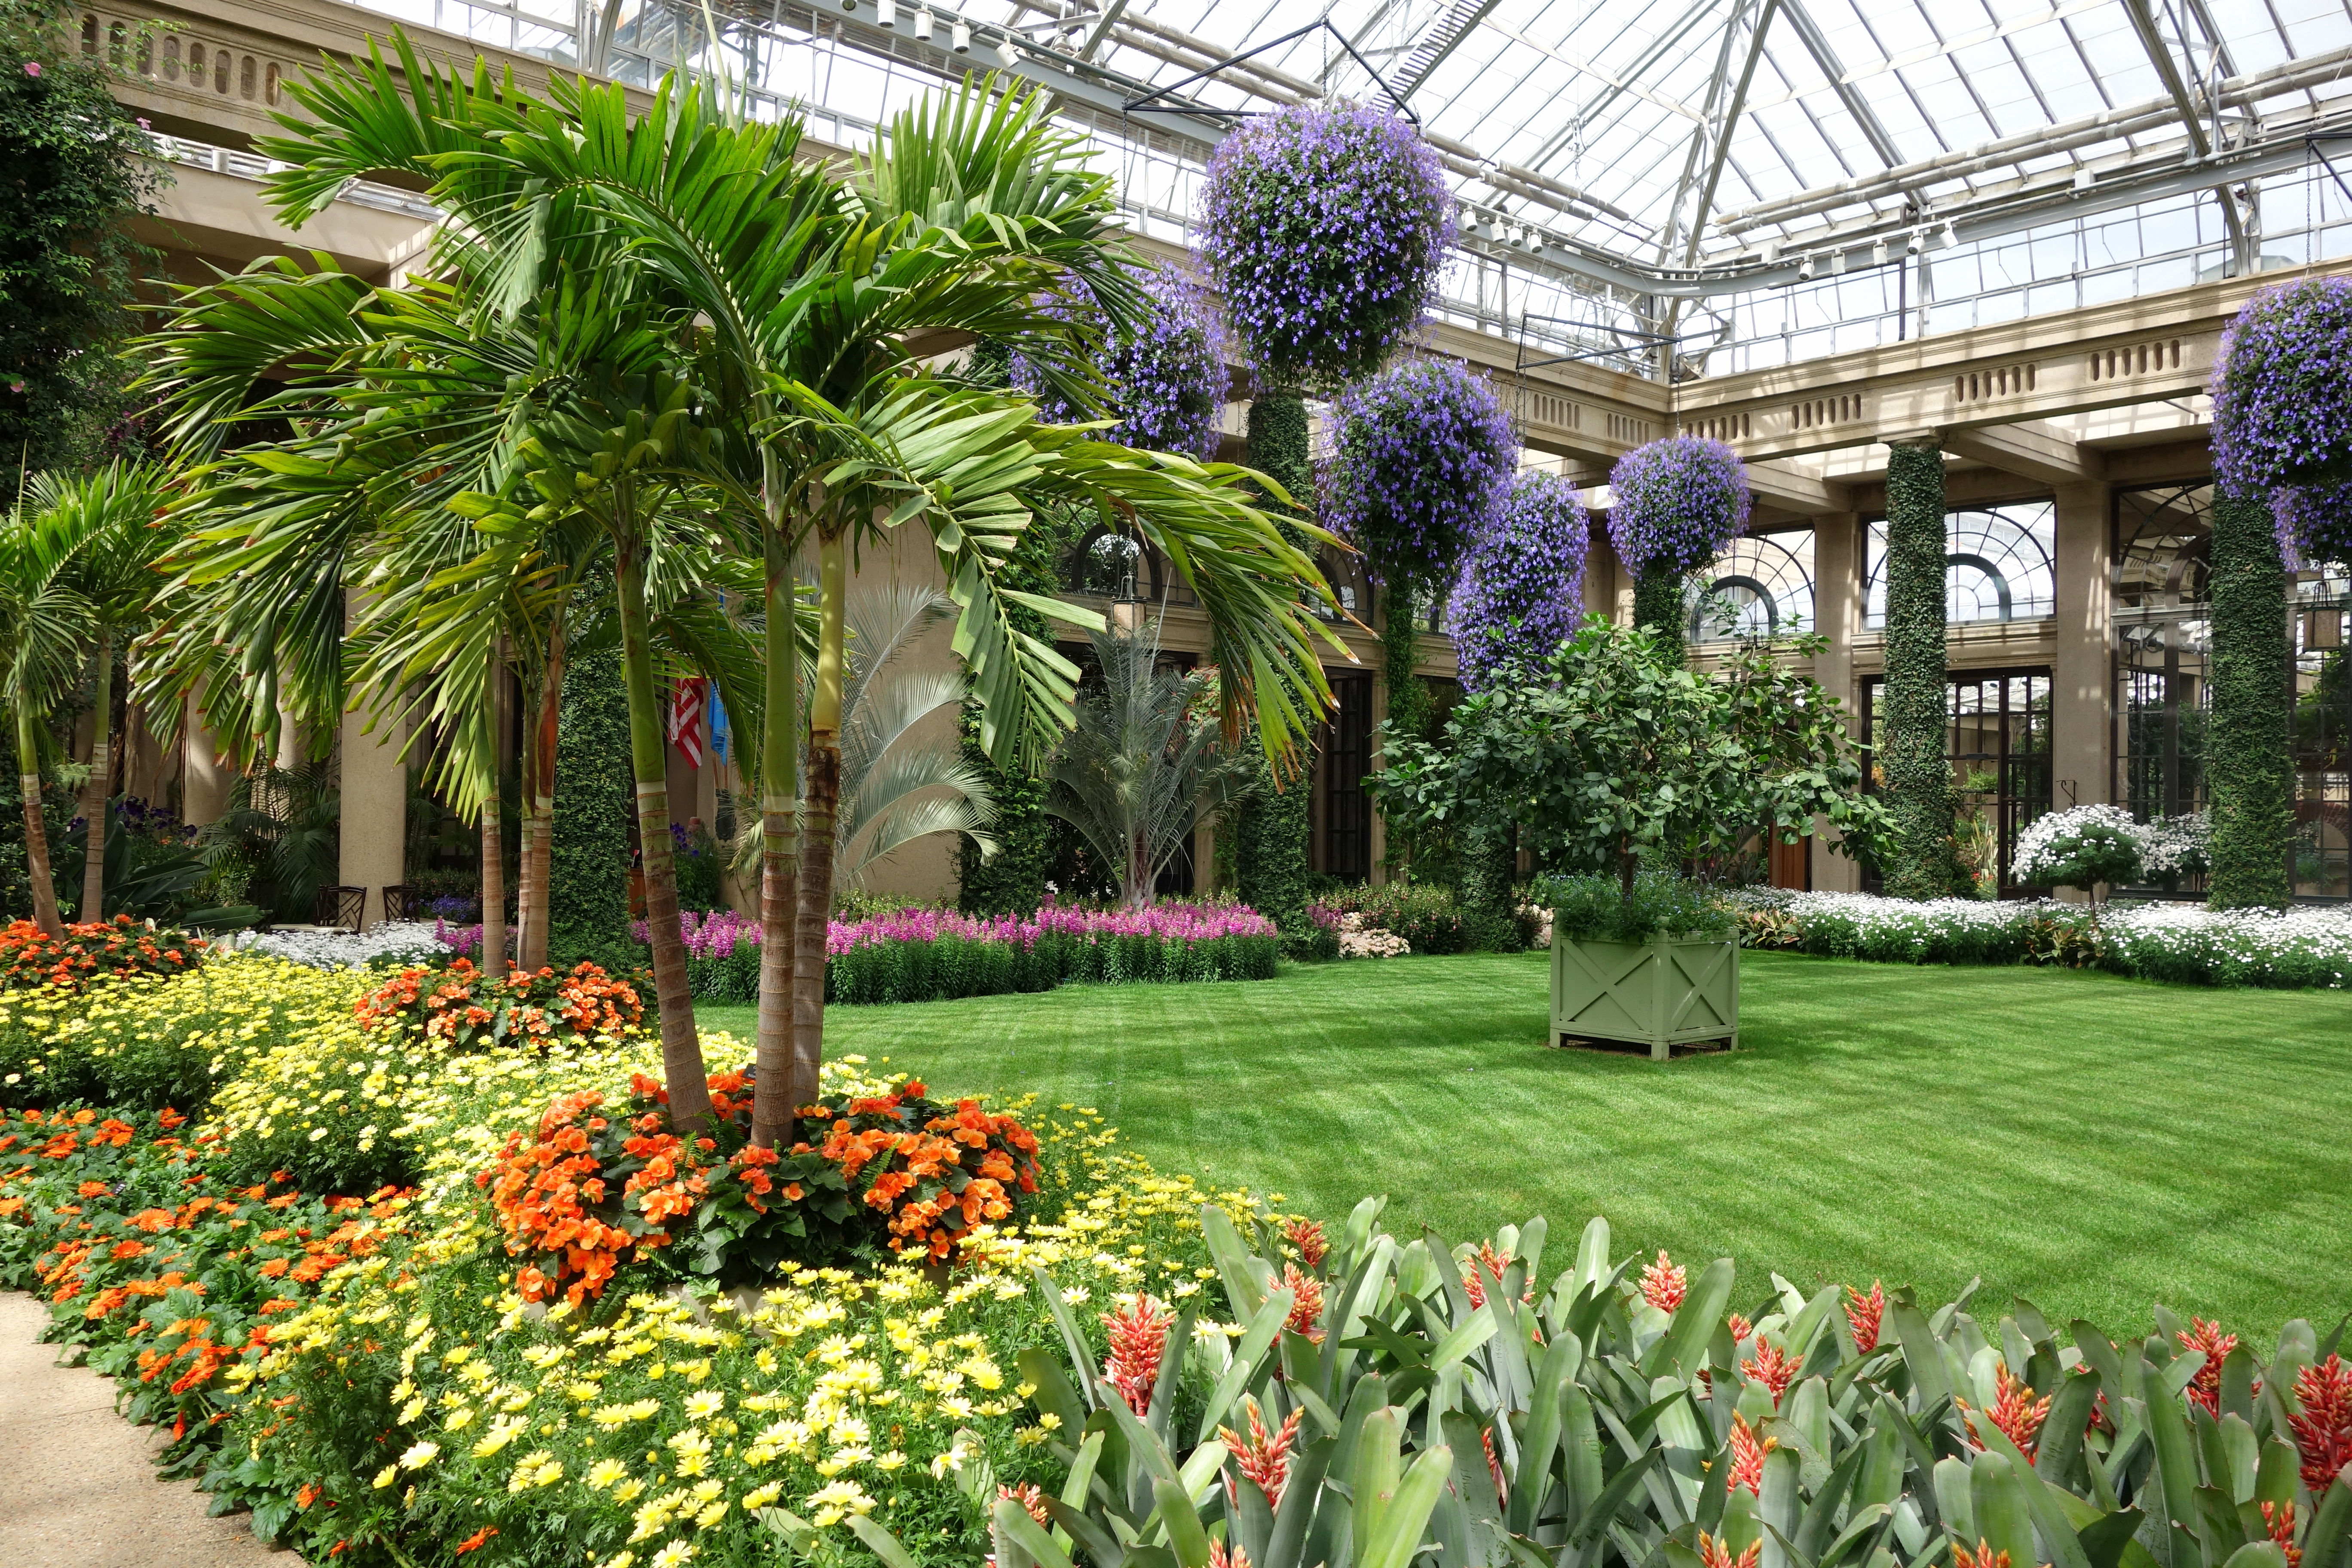 File:Conservatory   Longwood Gardens   DSC01096.JPG